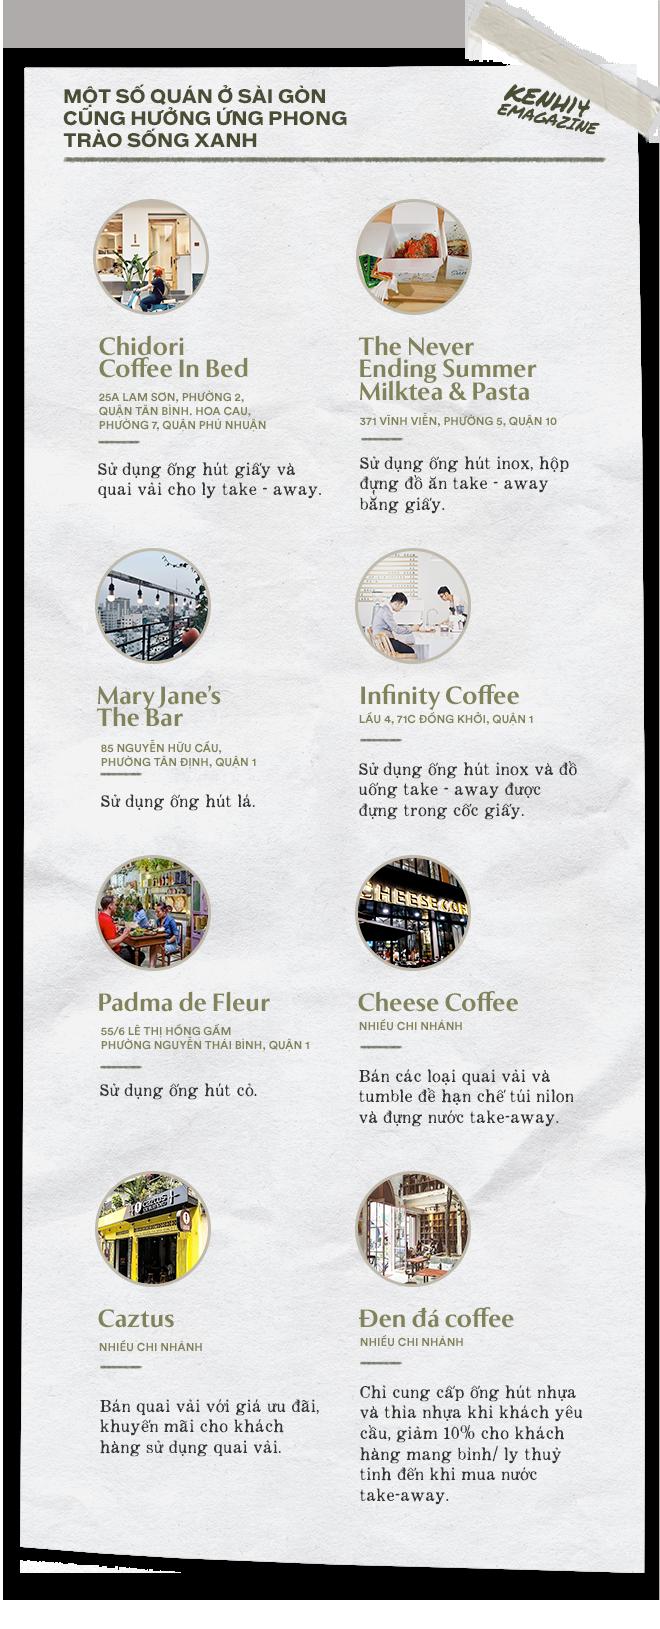 """Quán xá Hà Nội - Sài Gòn cùng nhau """"zero waste"""" để thay đổi từ thói quen đi cafe của người trẻ: Bạn đã bỏ túi các địa điểm này chưa? - Ảnh 17."""